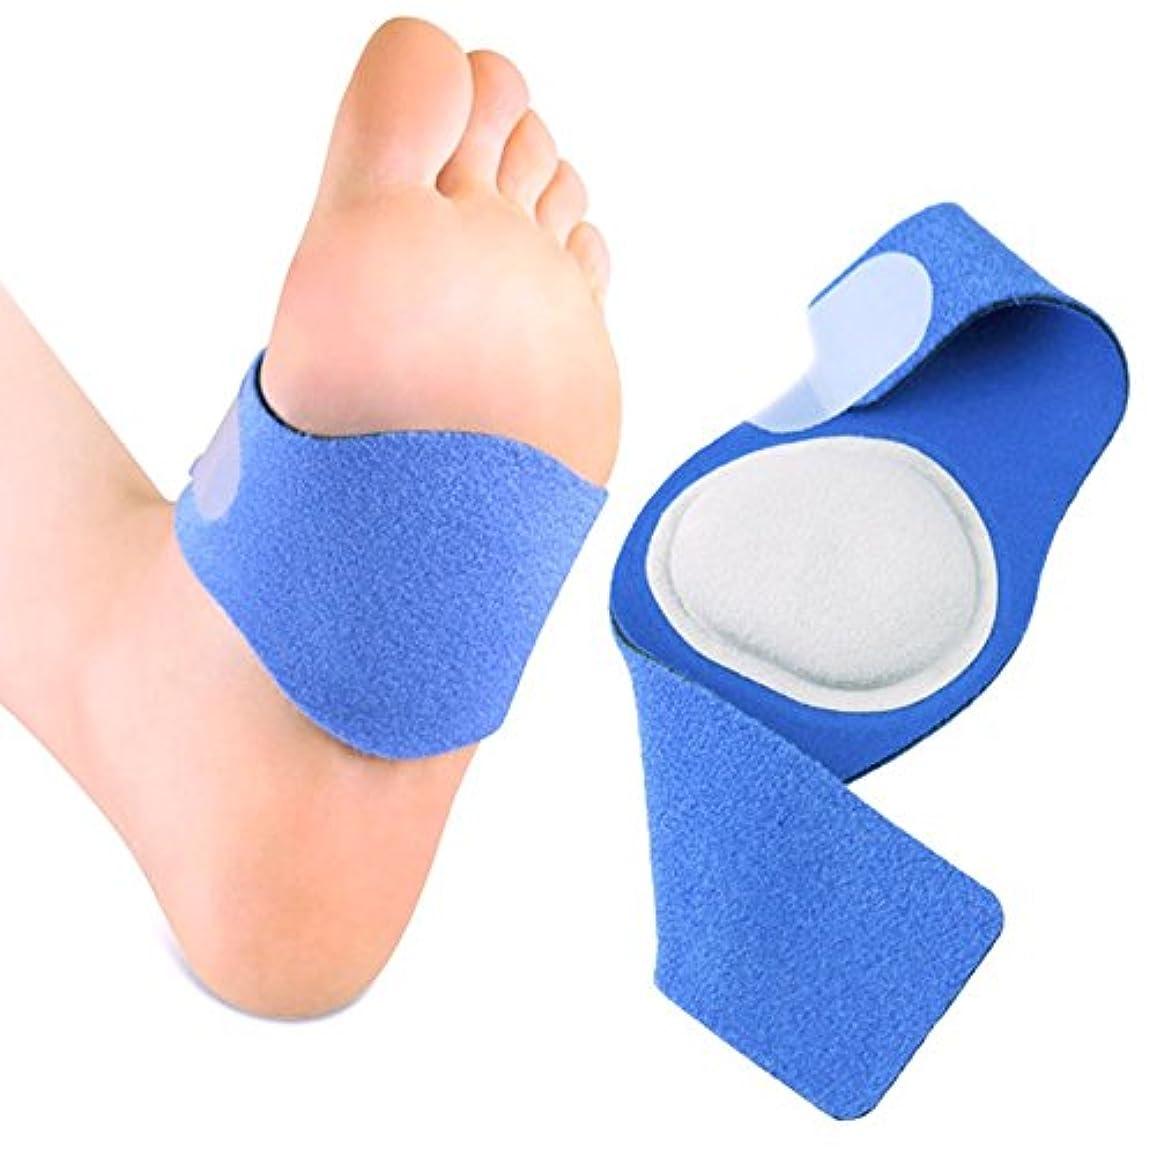 自分のために達成まろやかなTAKUMED アーチサポーター 扁平足 凹足 足底筋膜炎 サポーター 土踏まず 立ち仕事 男女兼用 サイズ調整可能 左右セット (L-XLサイズ)